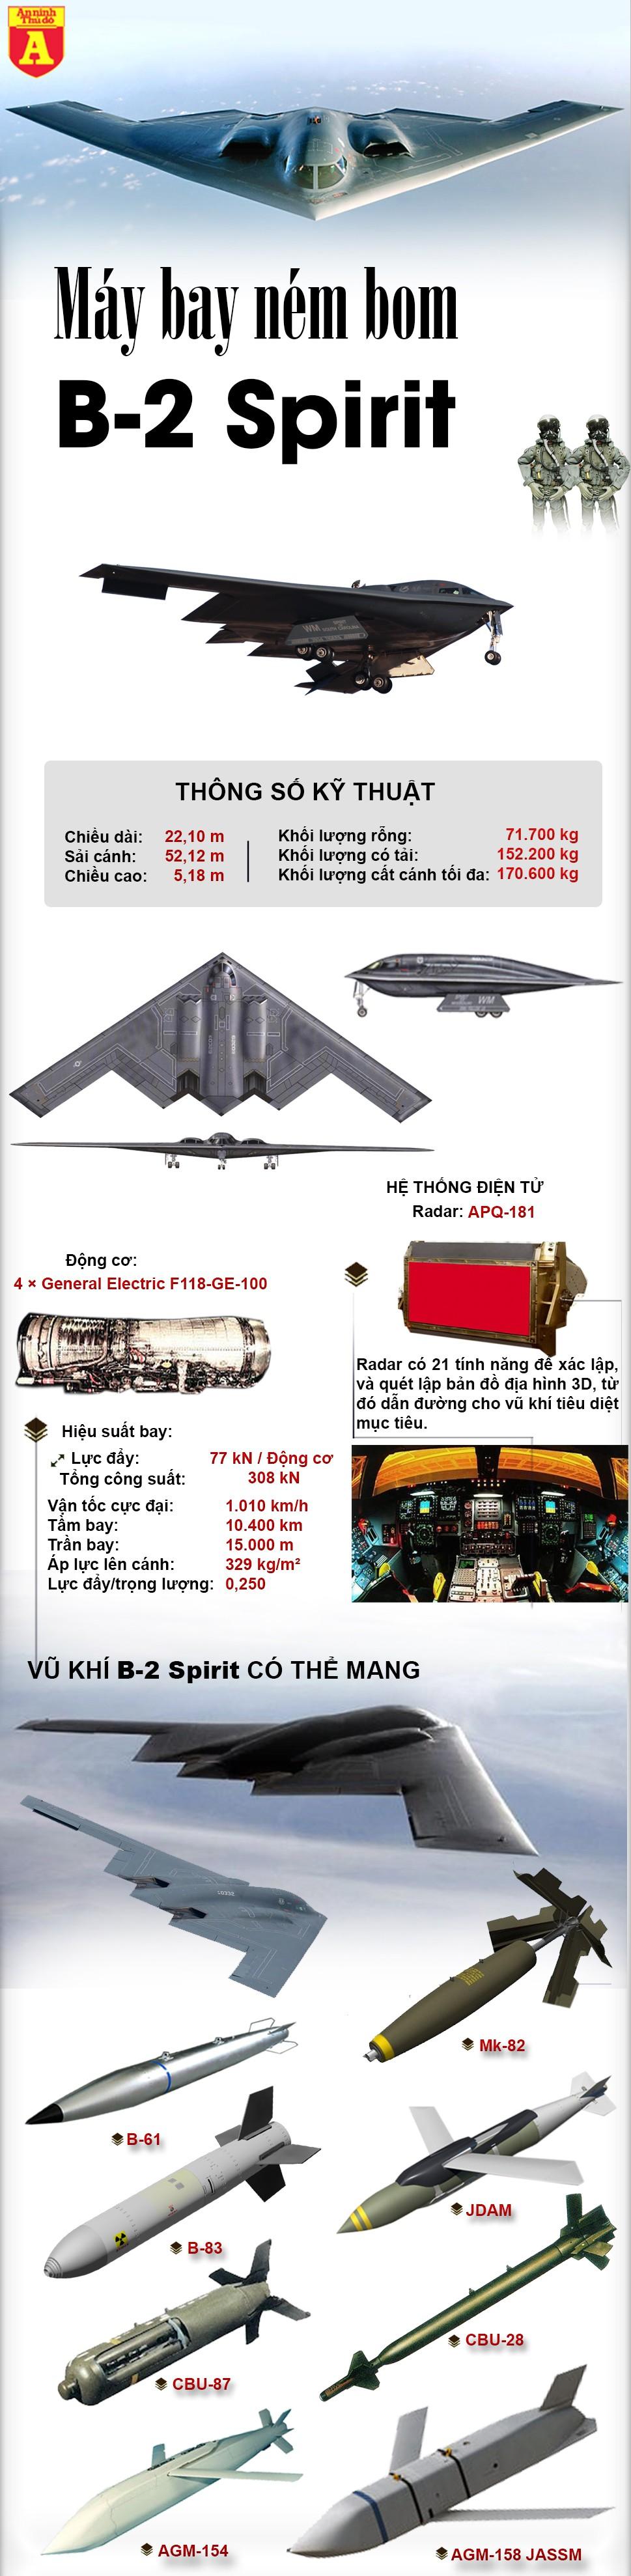 [Infographic] 'Bóng ma B-2' của Mỹ có gì khiến Trung Quốc, Triều Tiên đặc biệt chú ý? ảnh 2